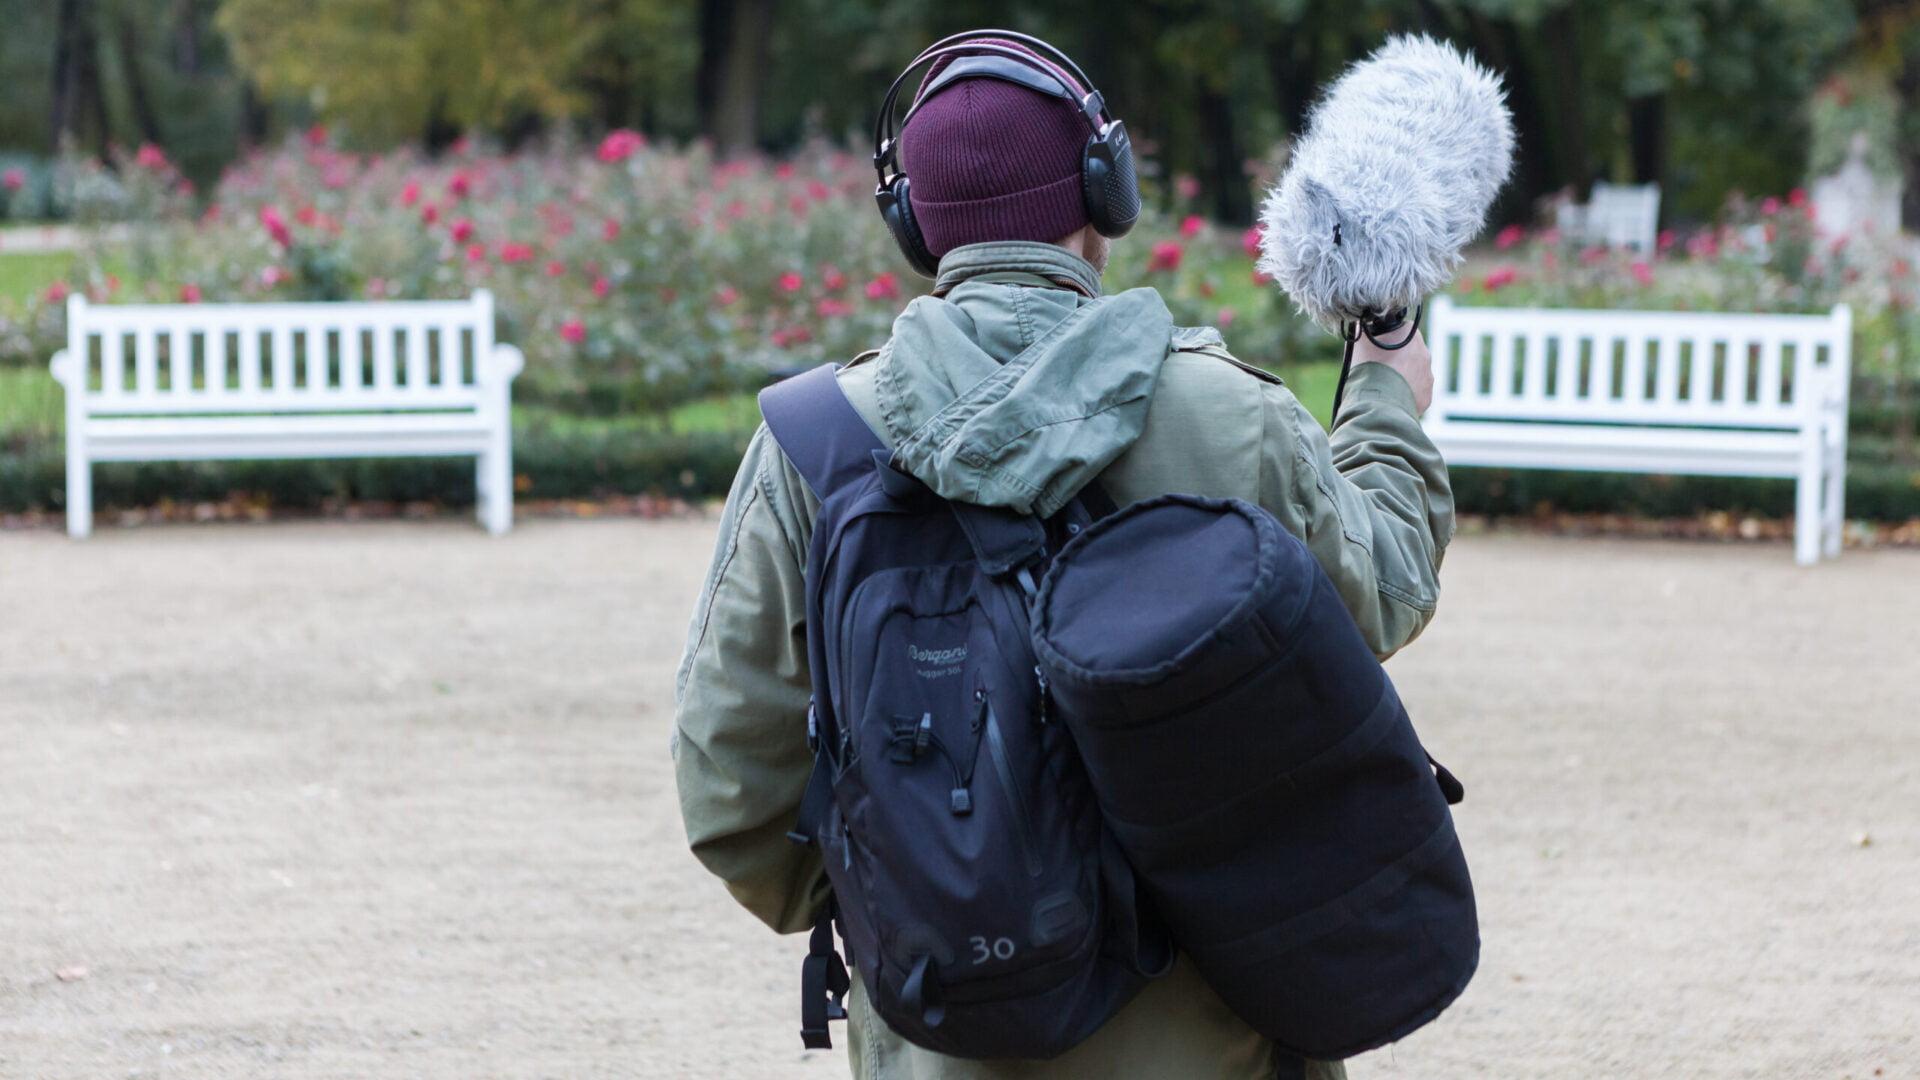 Widok z tyłu. Osoba w kurtce jesiennej, z granatowym plecakiem i torbą na sprzęt. W ręku trzyma mikrofon - futrzak. Na głowie ma czapkę i słuchawki.